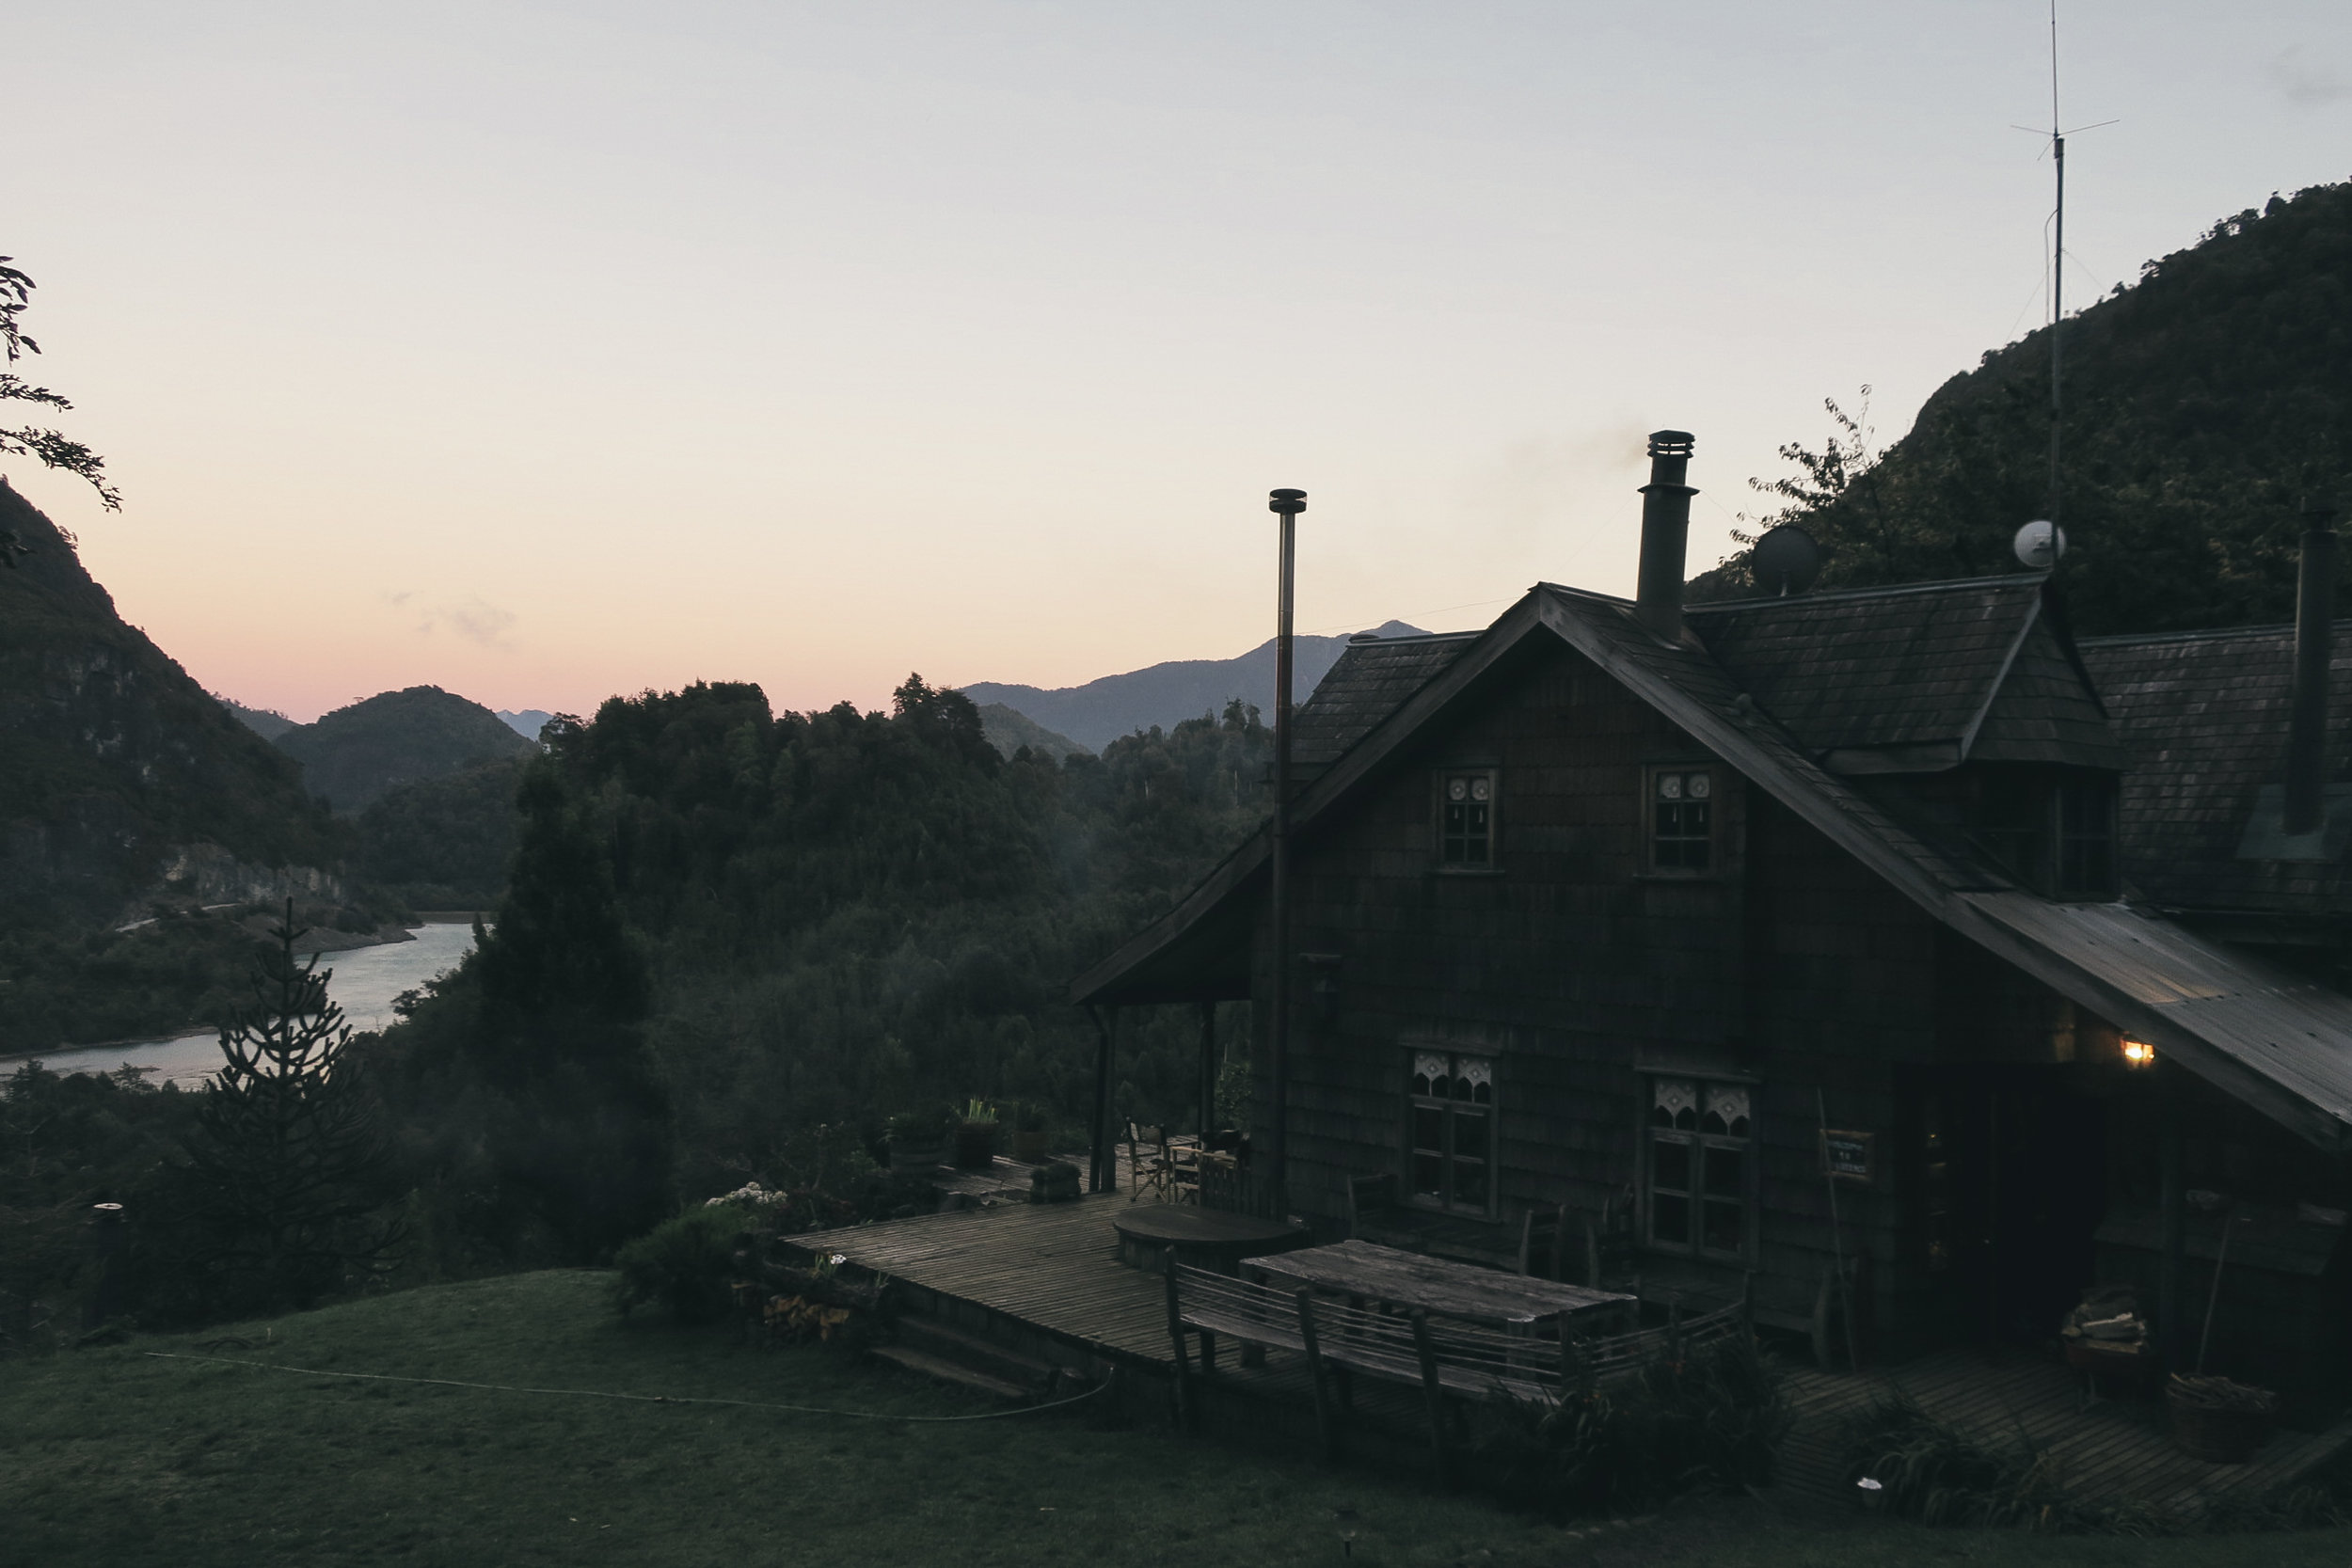 barraco+lodge+chile+life+on+pine+travel+blog+life+on+pine_IMG_1728.jpg